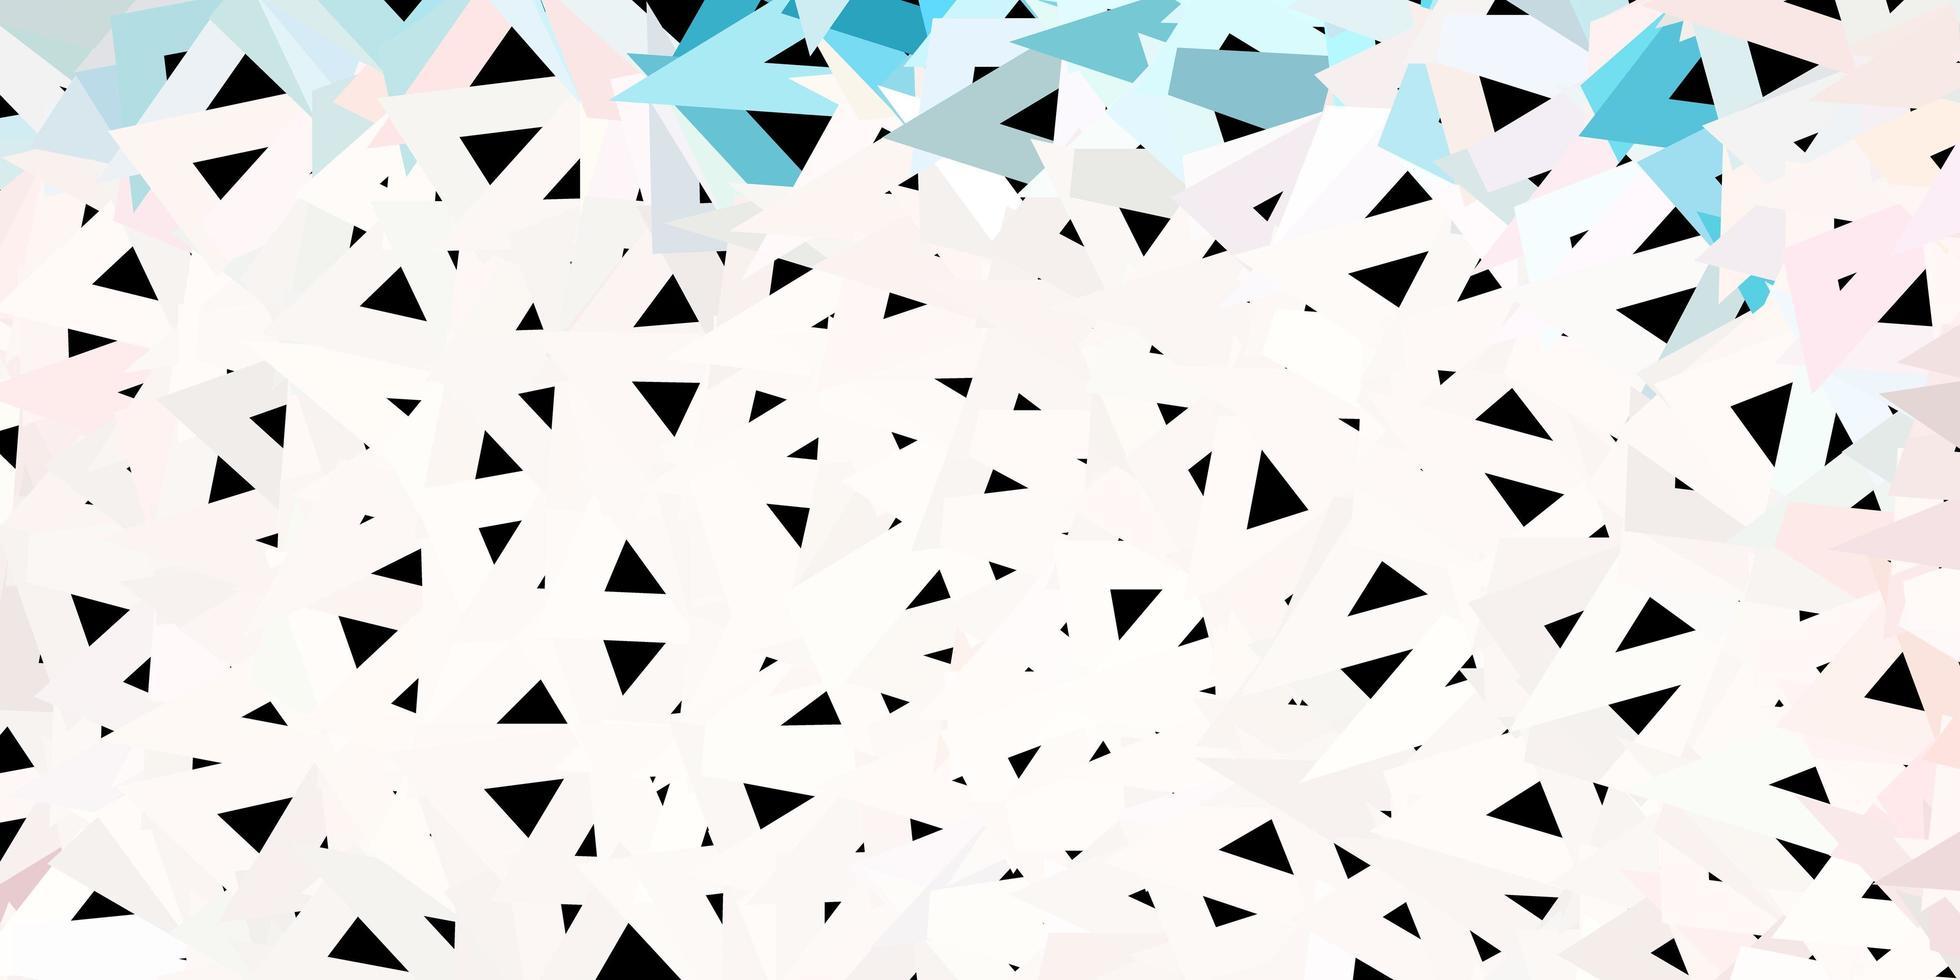 texture de triangle poly vecteur rose clair, vert.